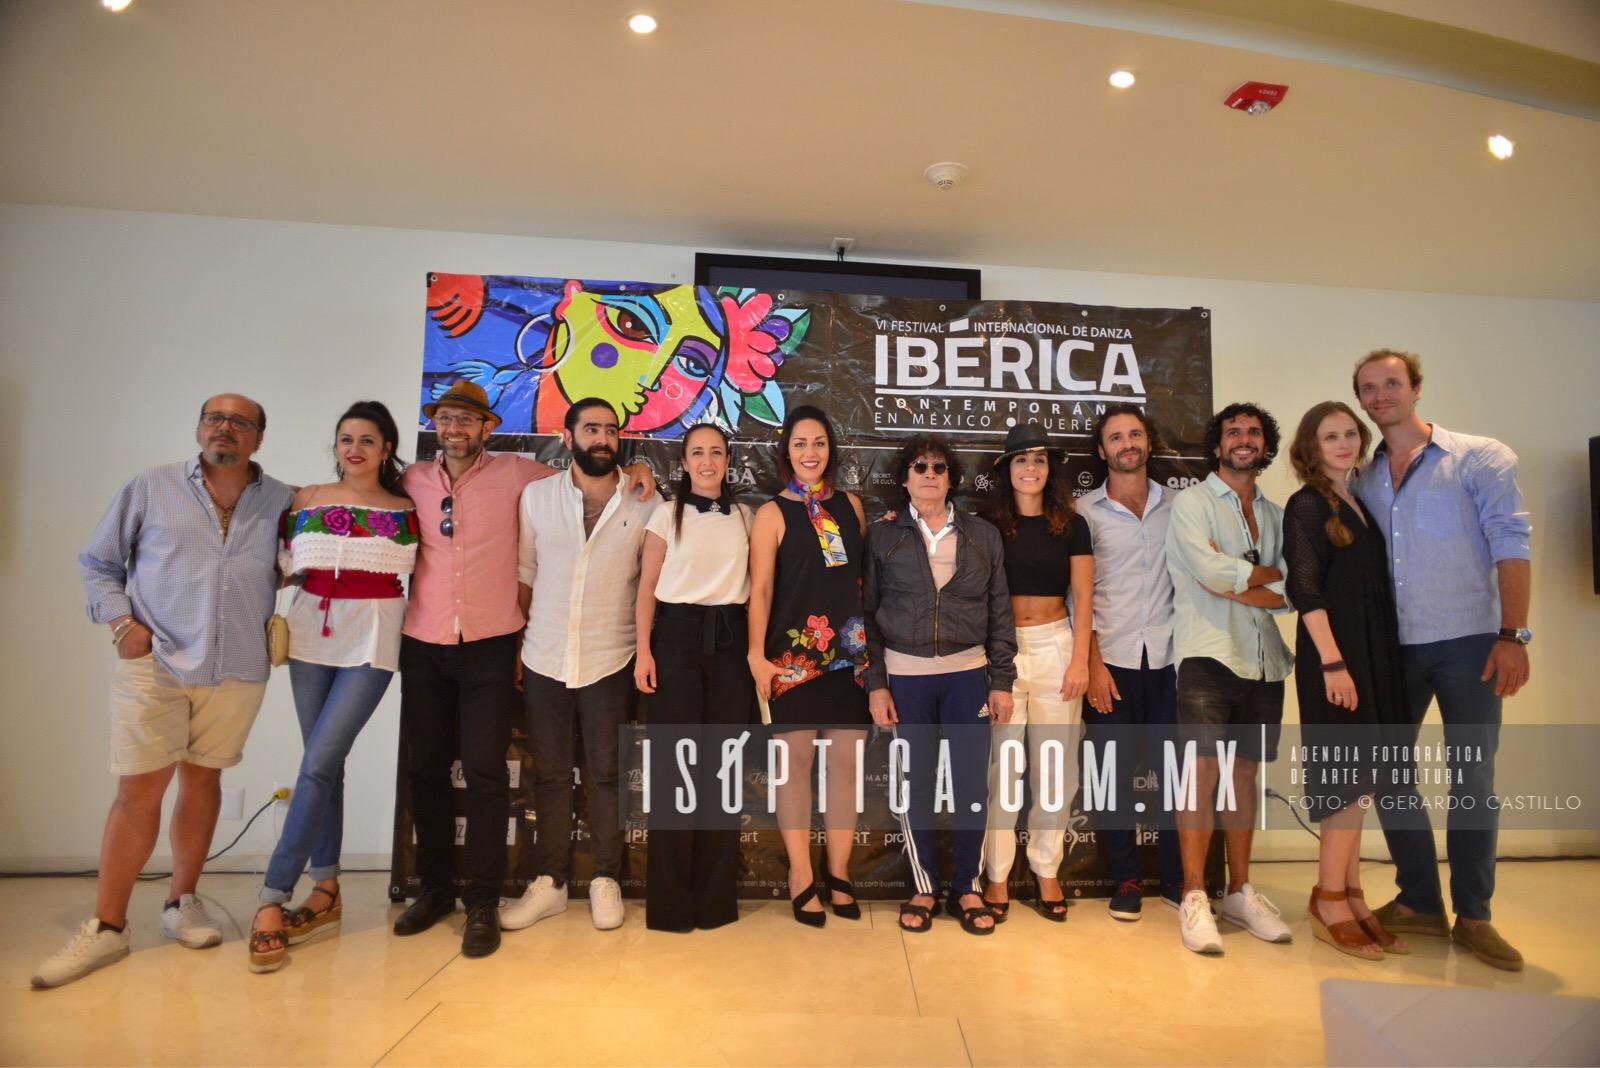 Ofrecen conferencia para Medios del Festival IBÉRICA ContemporáneaIMG_1842